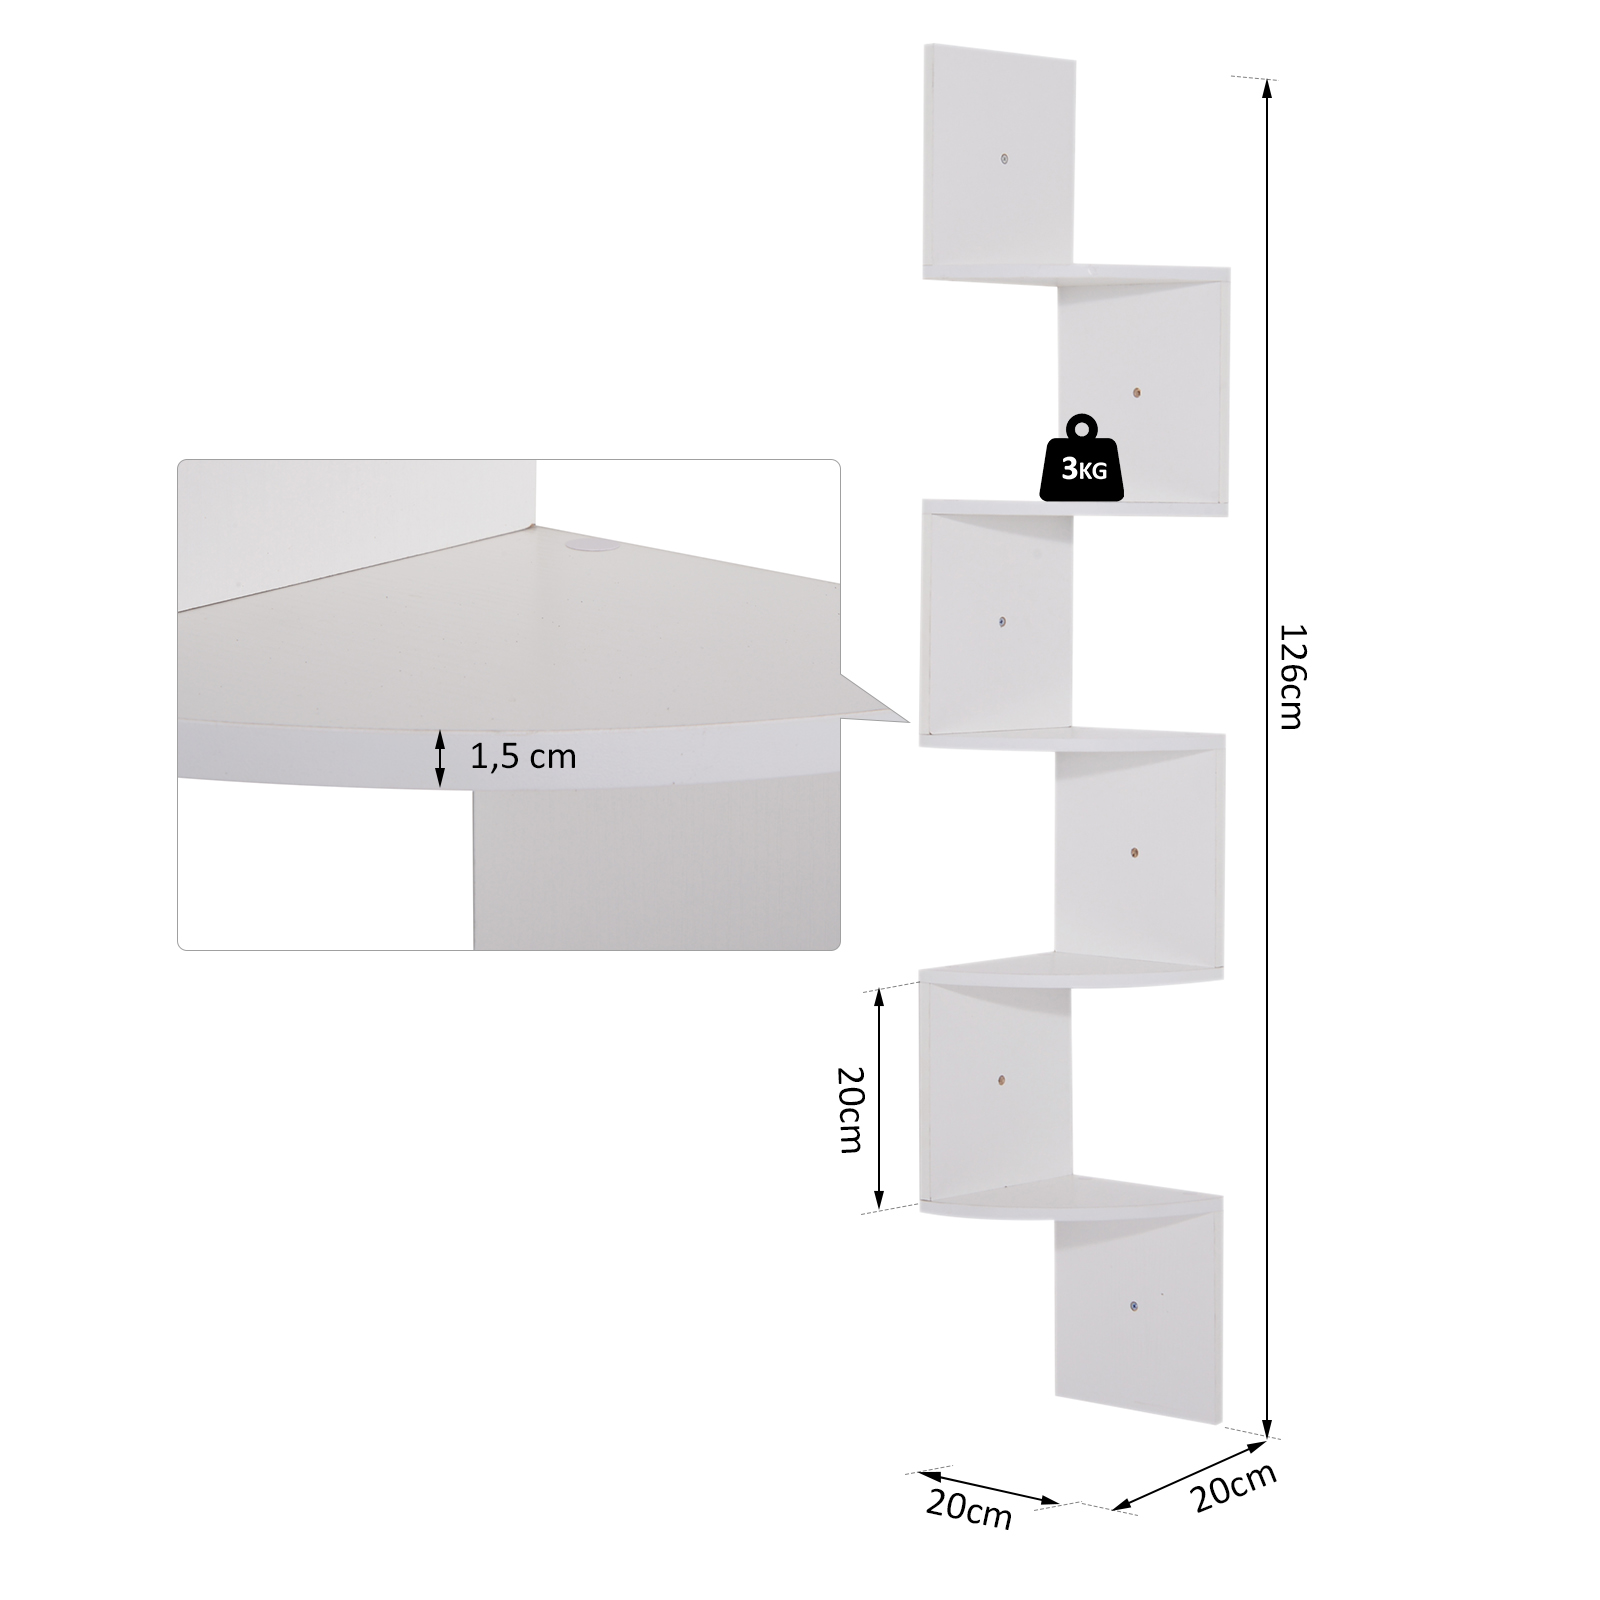 Etagere-d-Angle-Etagere-Murale-Zigzag-5-Niveaux-20-x-20-x-126-cm miniature 4